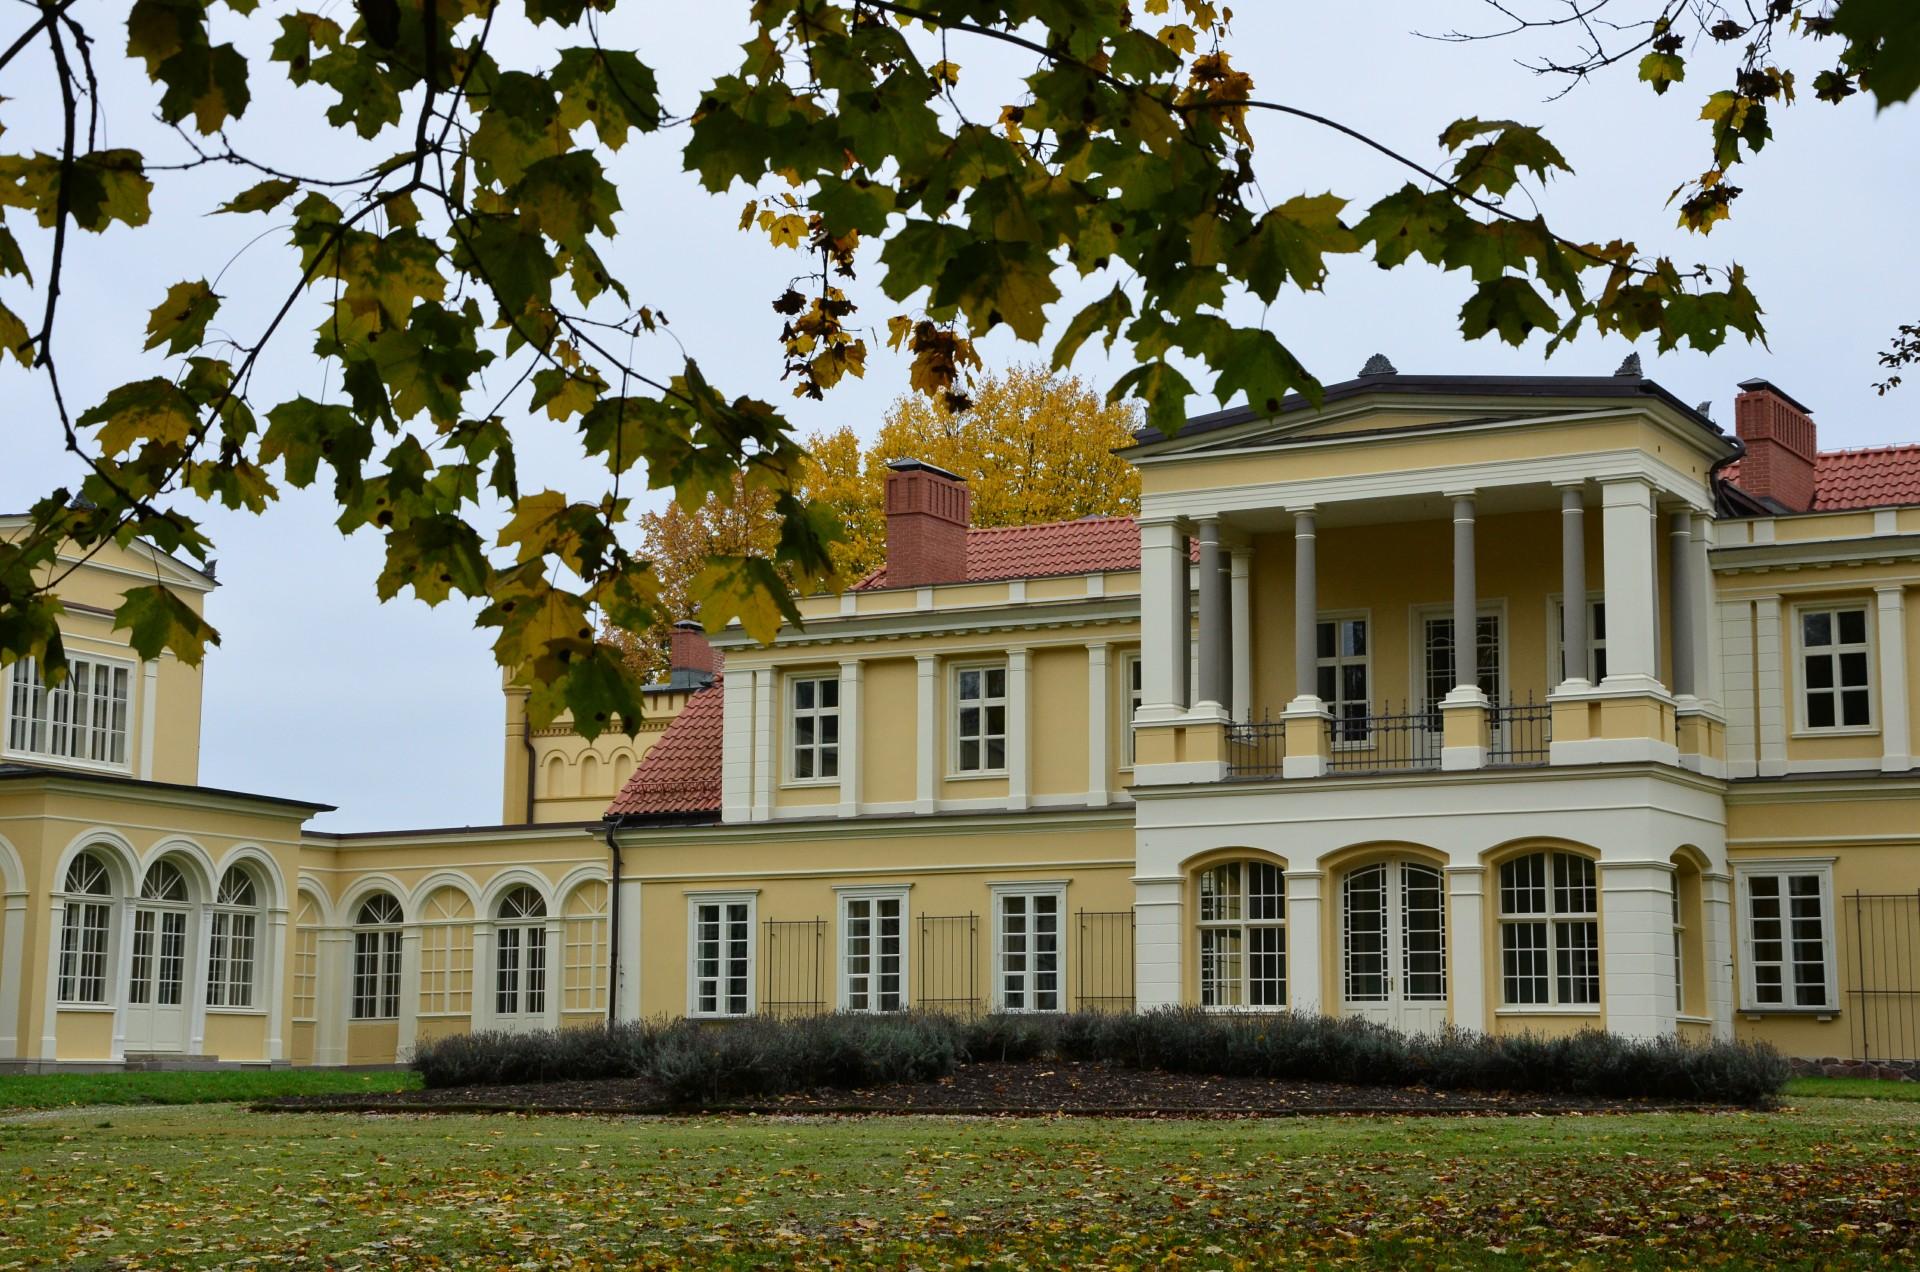 7,4 mln zł pożyczki dla muzeum w Waplewie. Rozpocznie się drugi etap prac konserwatorskich